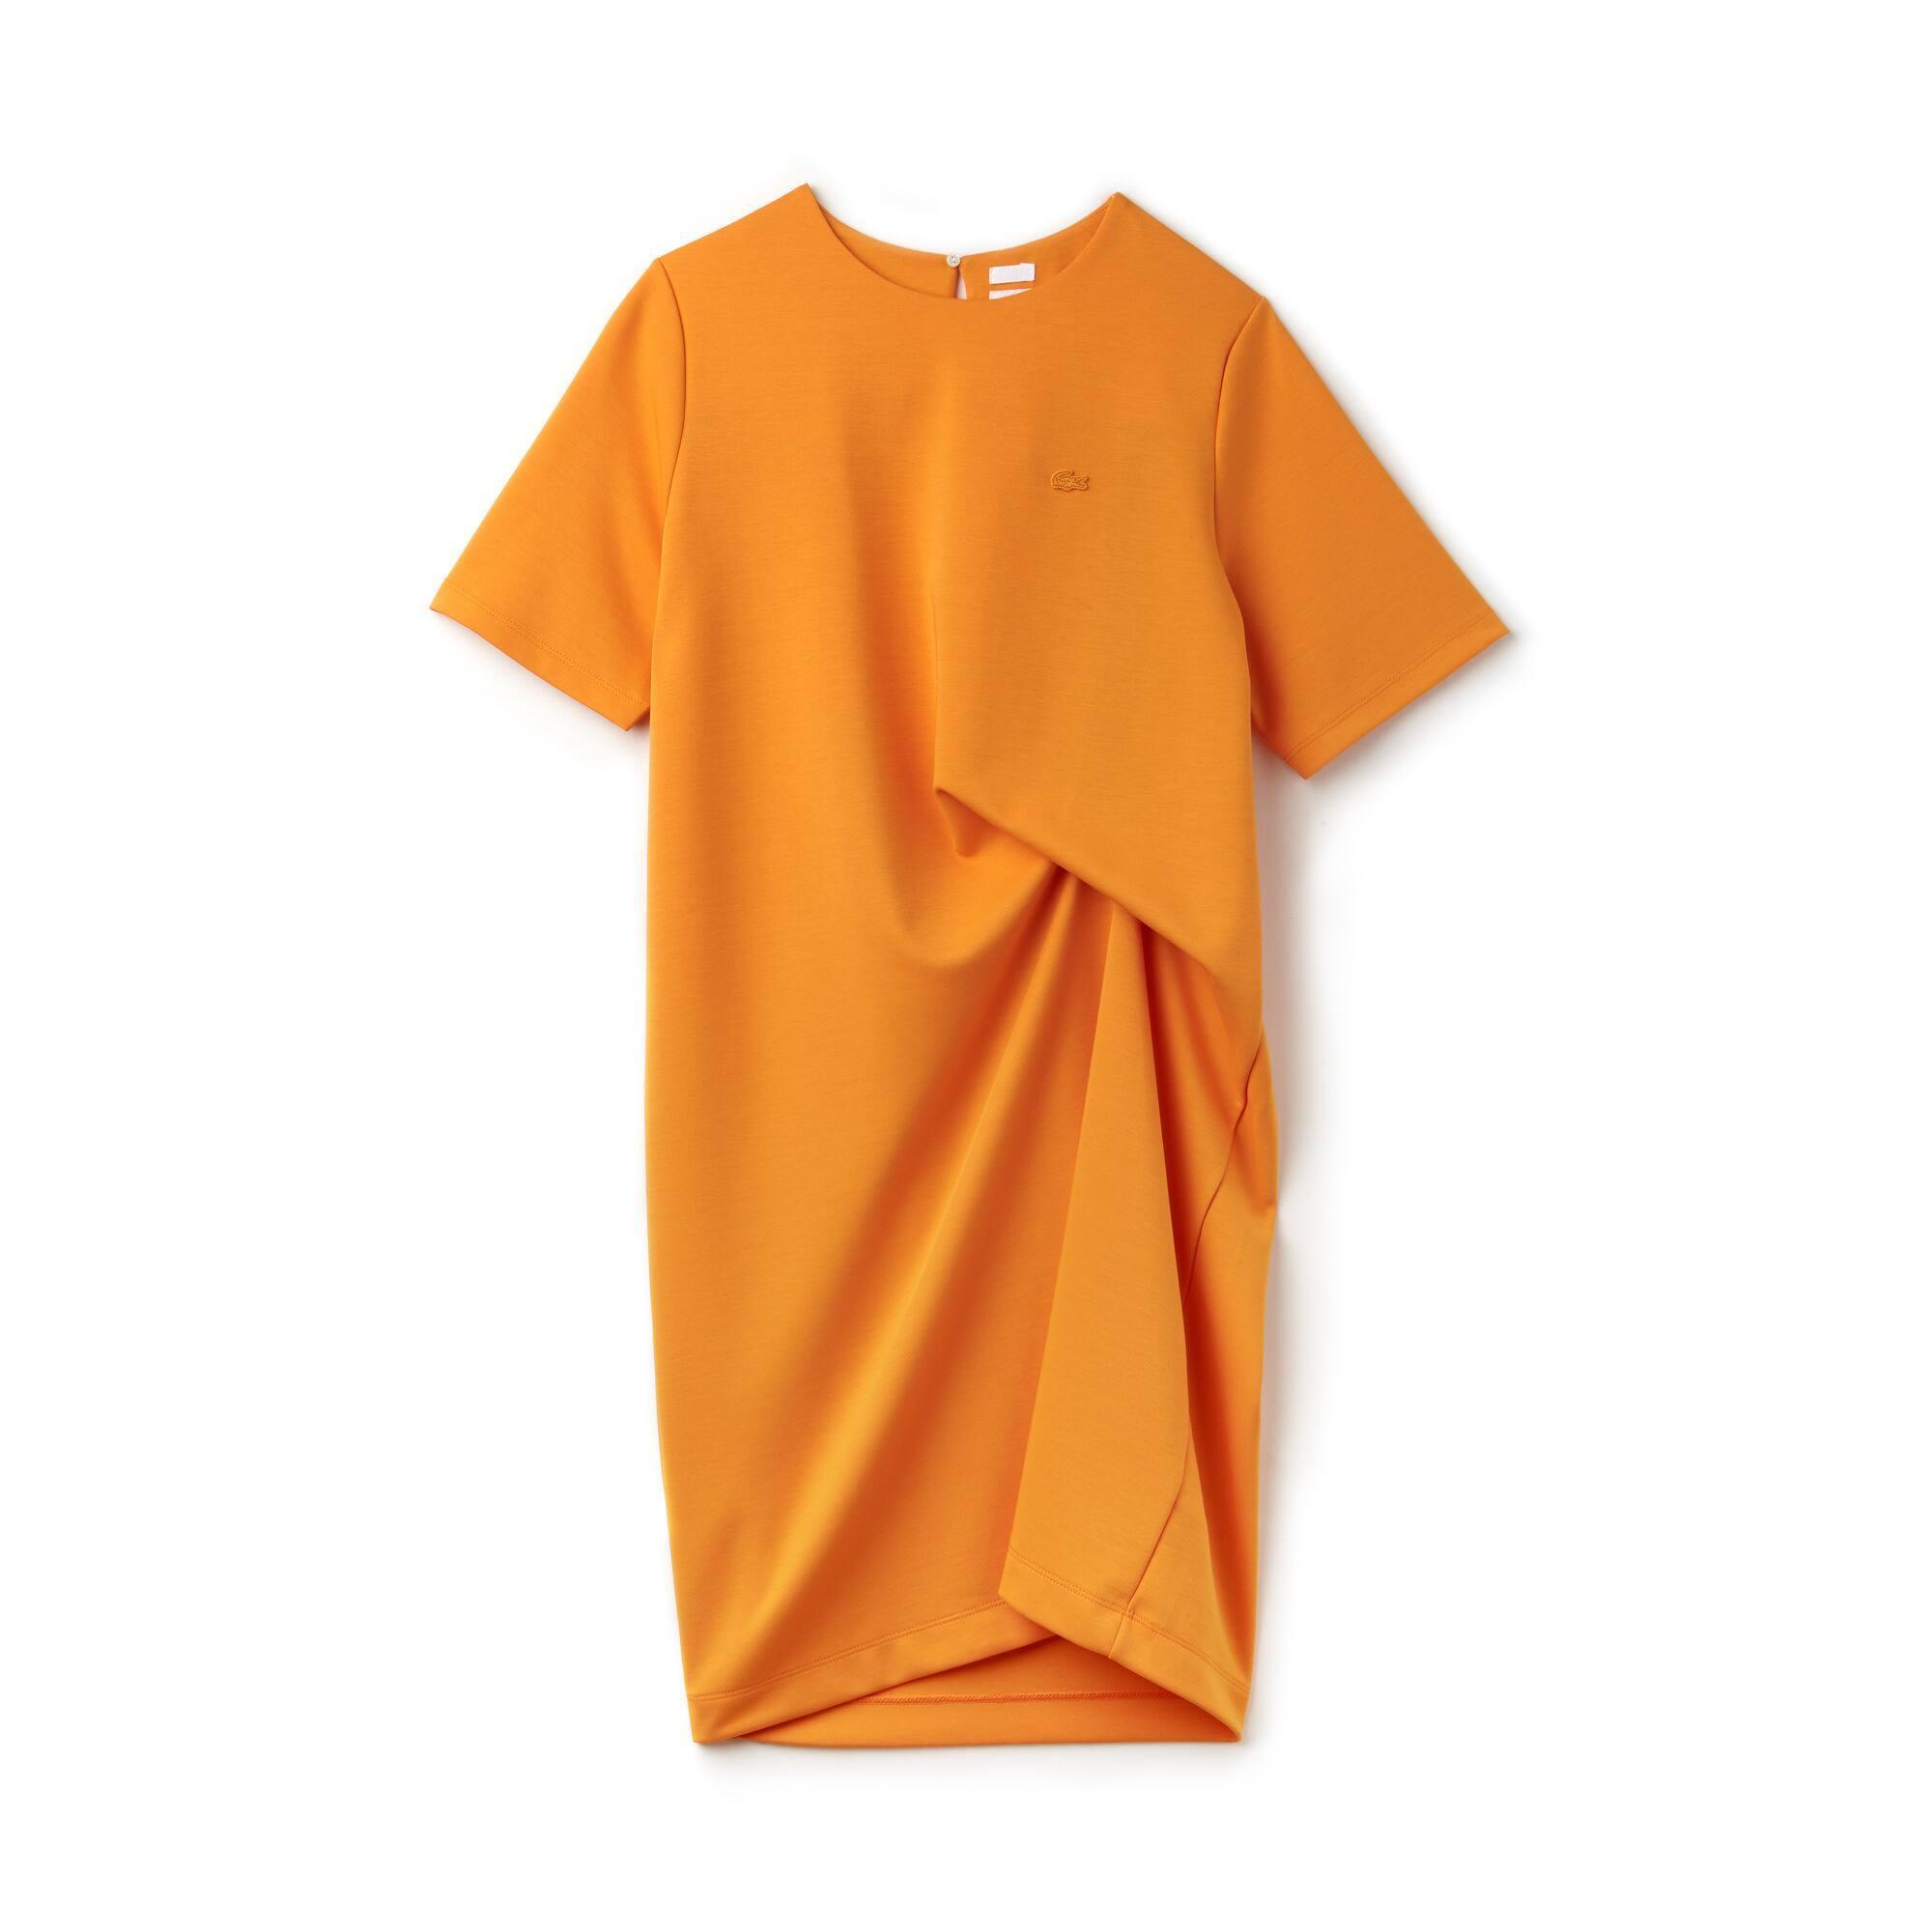 Vestido assimétrico Lacoste LIVE em jersey de algodão unicolor